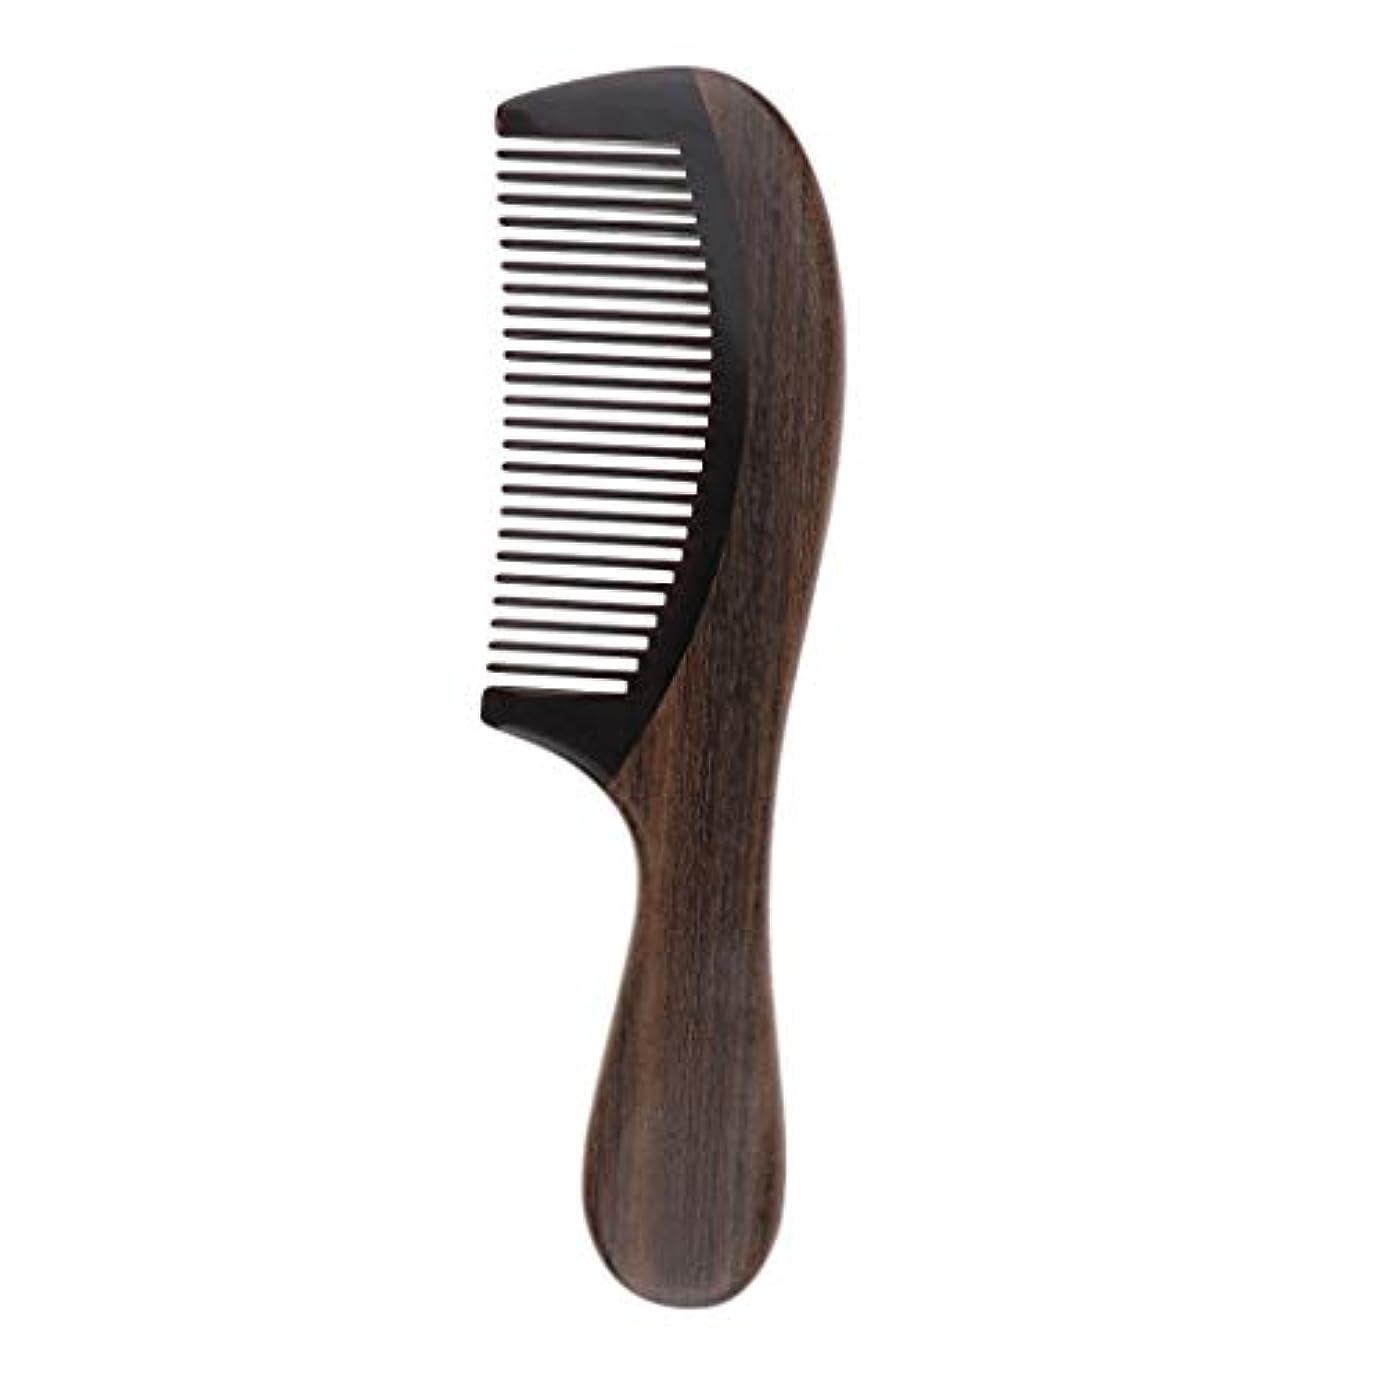 チョコレート体系的にストライプ櫛 木製 くし コーム 木製ヘアコーム 頭皮マッサージ くし 静電気防止 頭 美髪ケア サンダルウッド